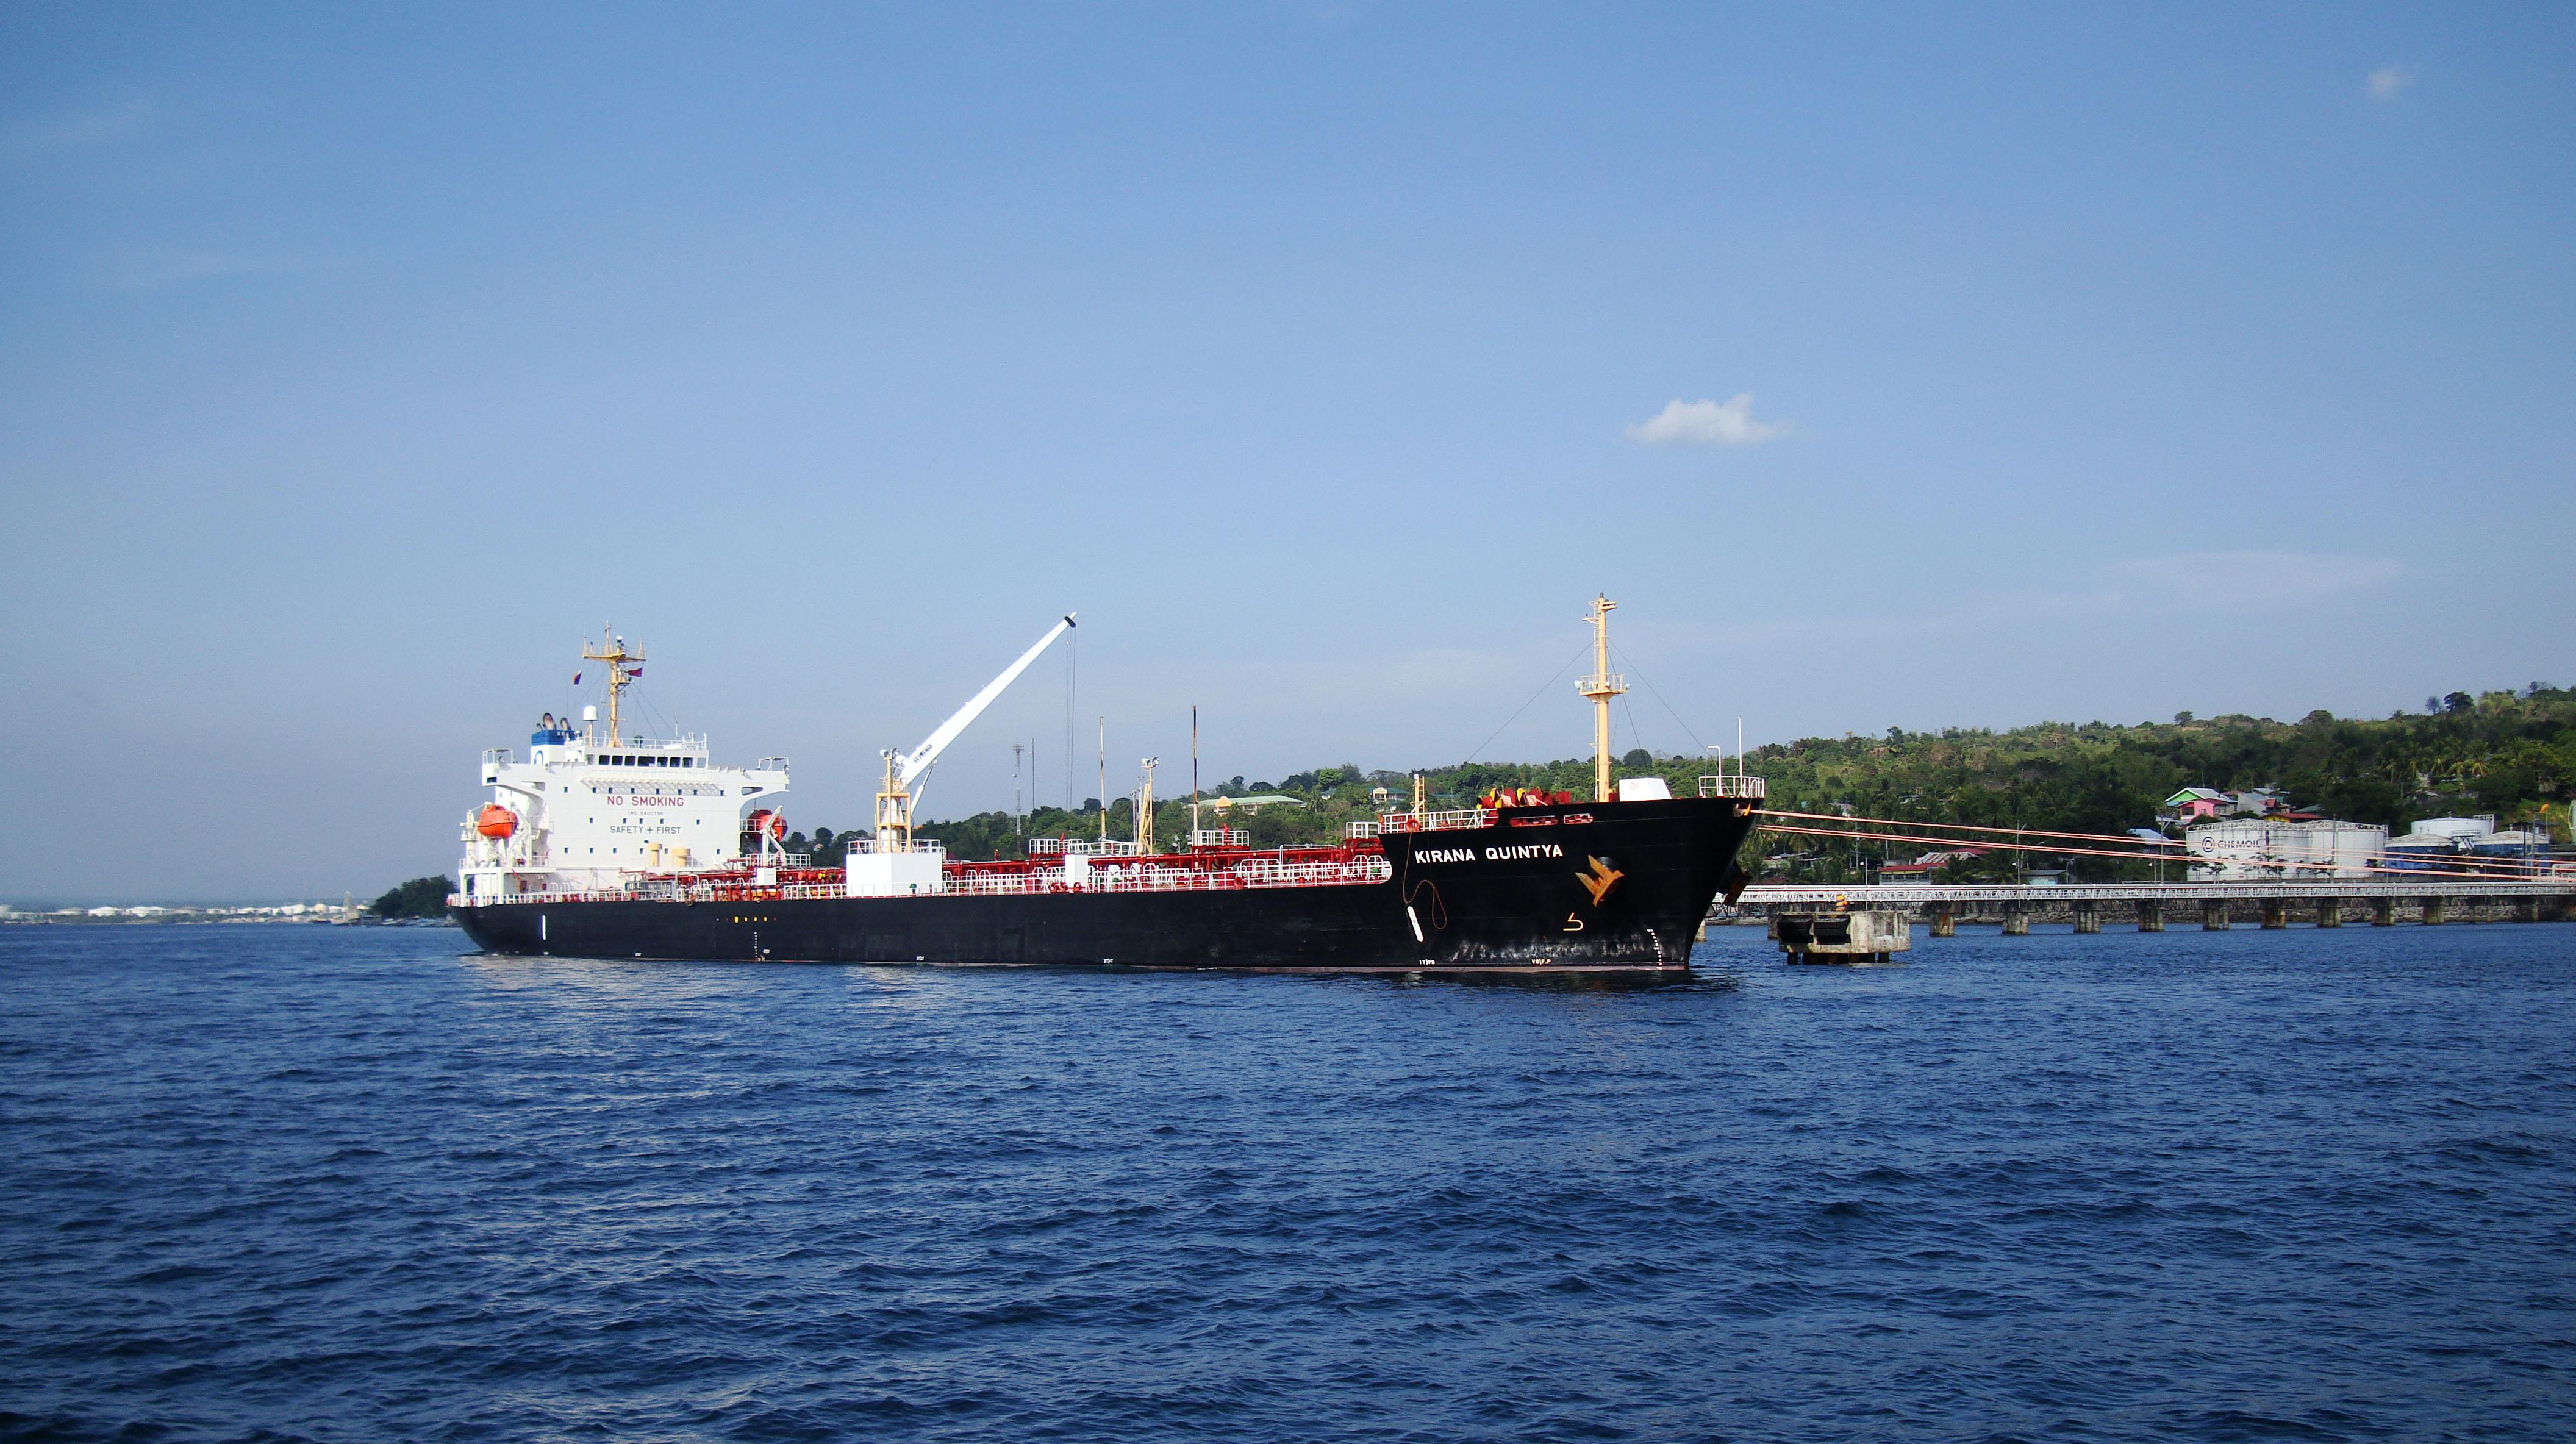 MV Kirana Quintya Batangus Philippines 03